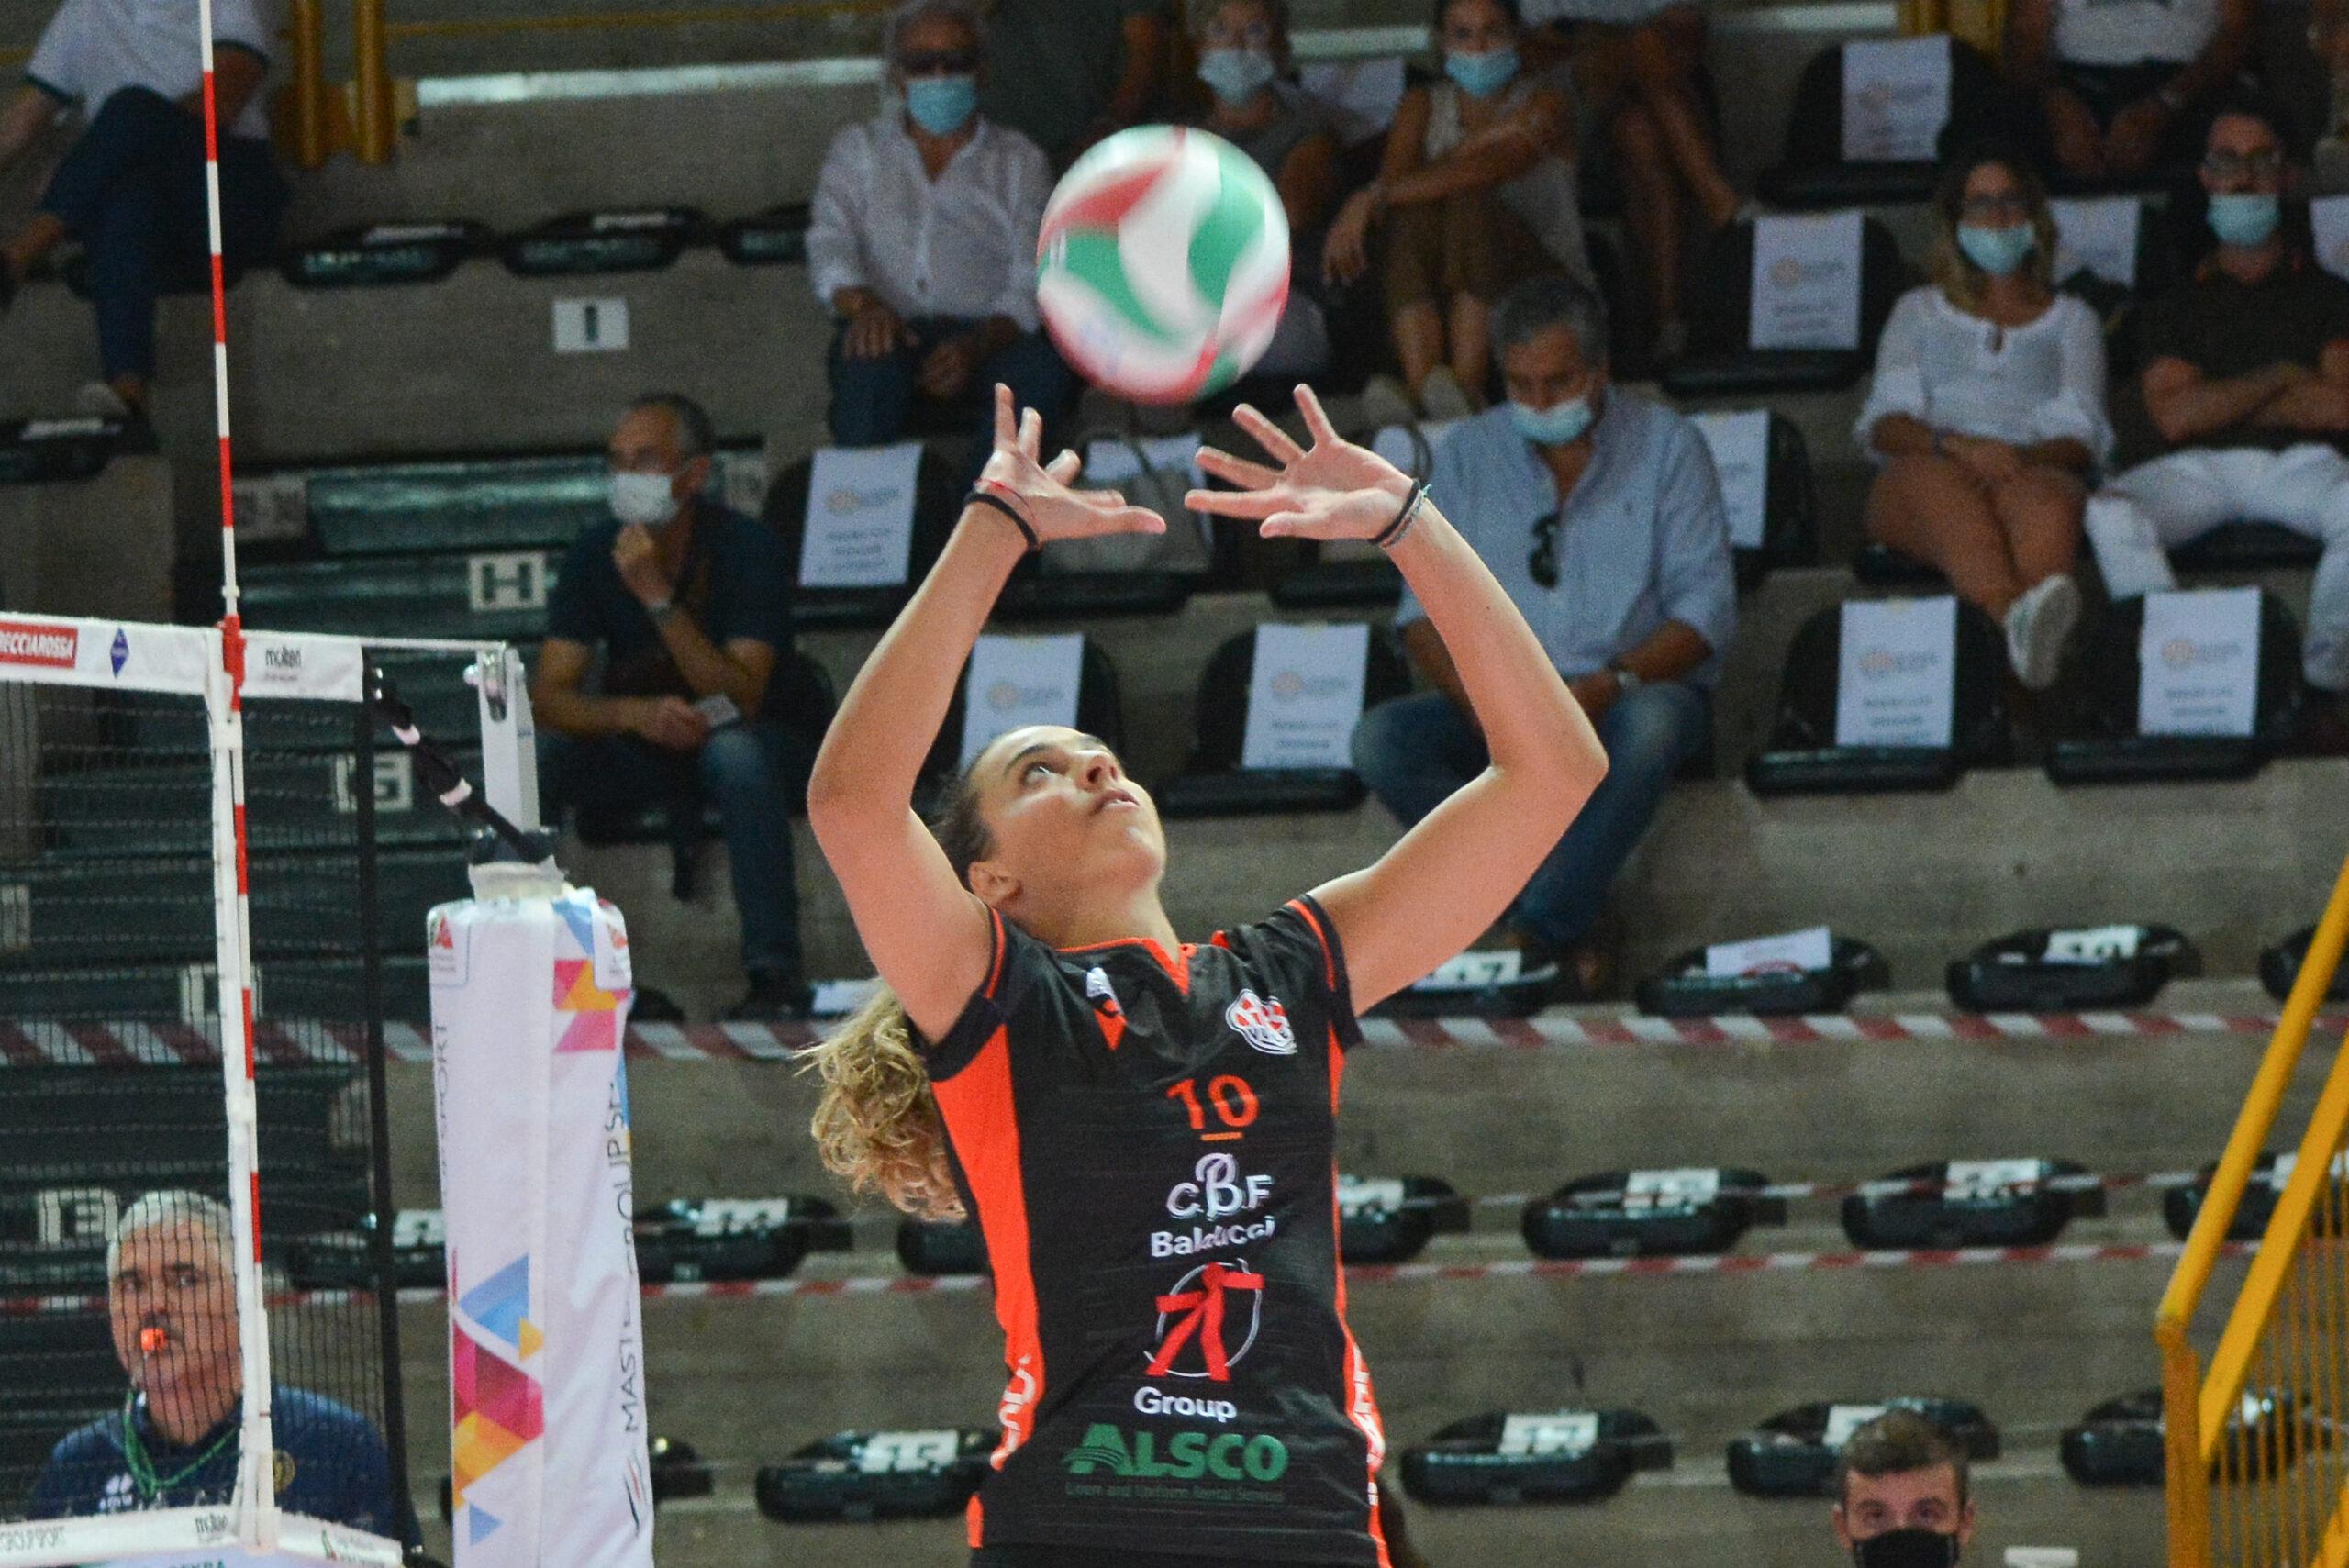 CBF Balducci HR Macerata, Ilenia Peretti carica la squadra